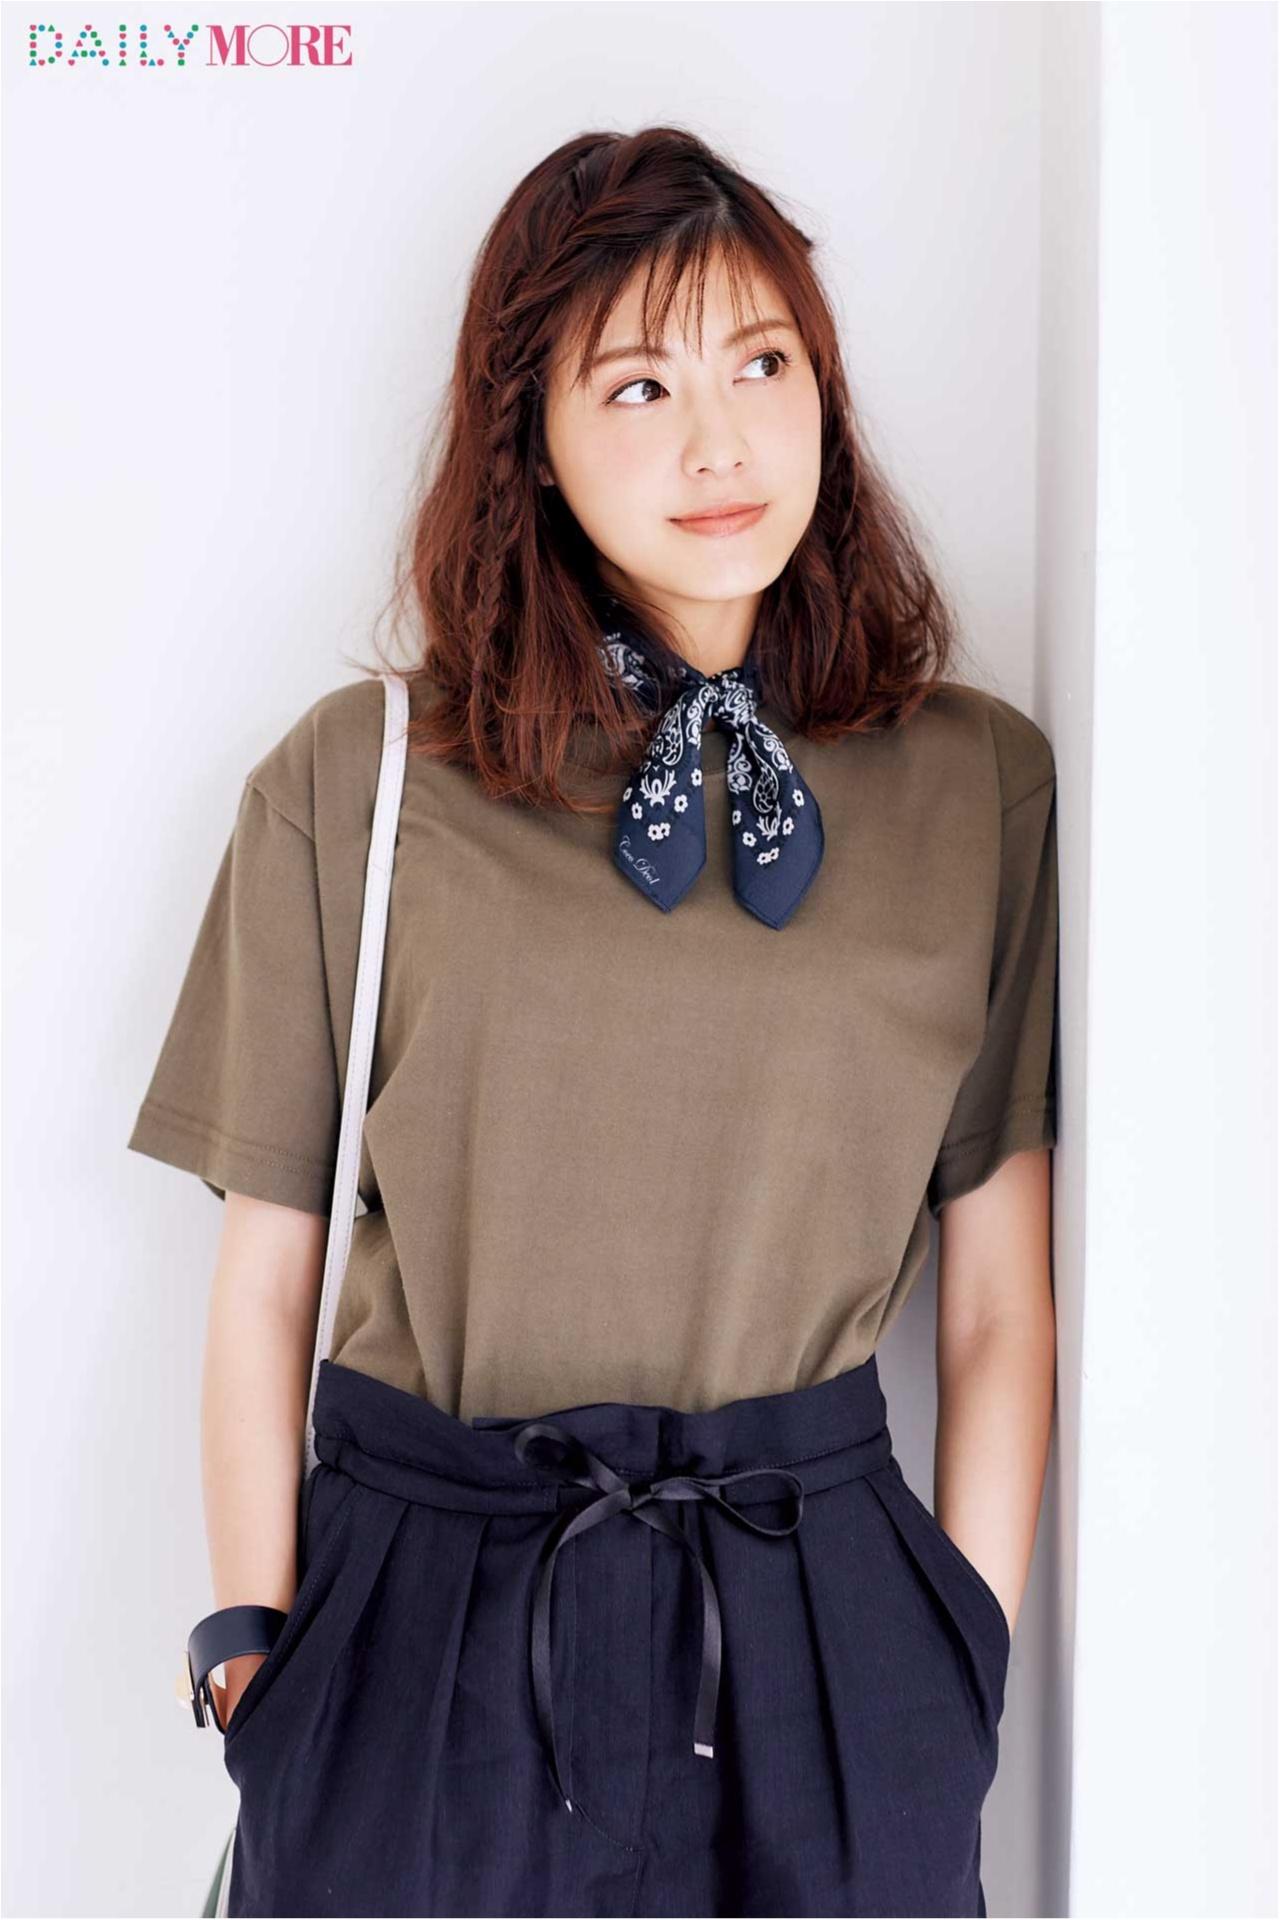 お仕事Tシャツは、なじませ編みで! 佐藤ありさの「Tシャツヘアアレンジ」_1